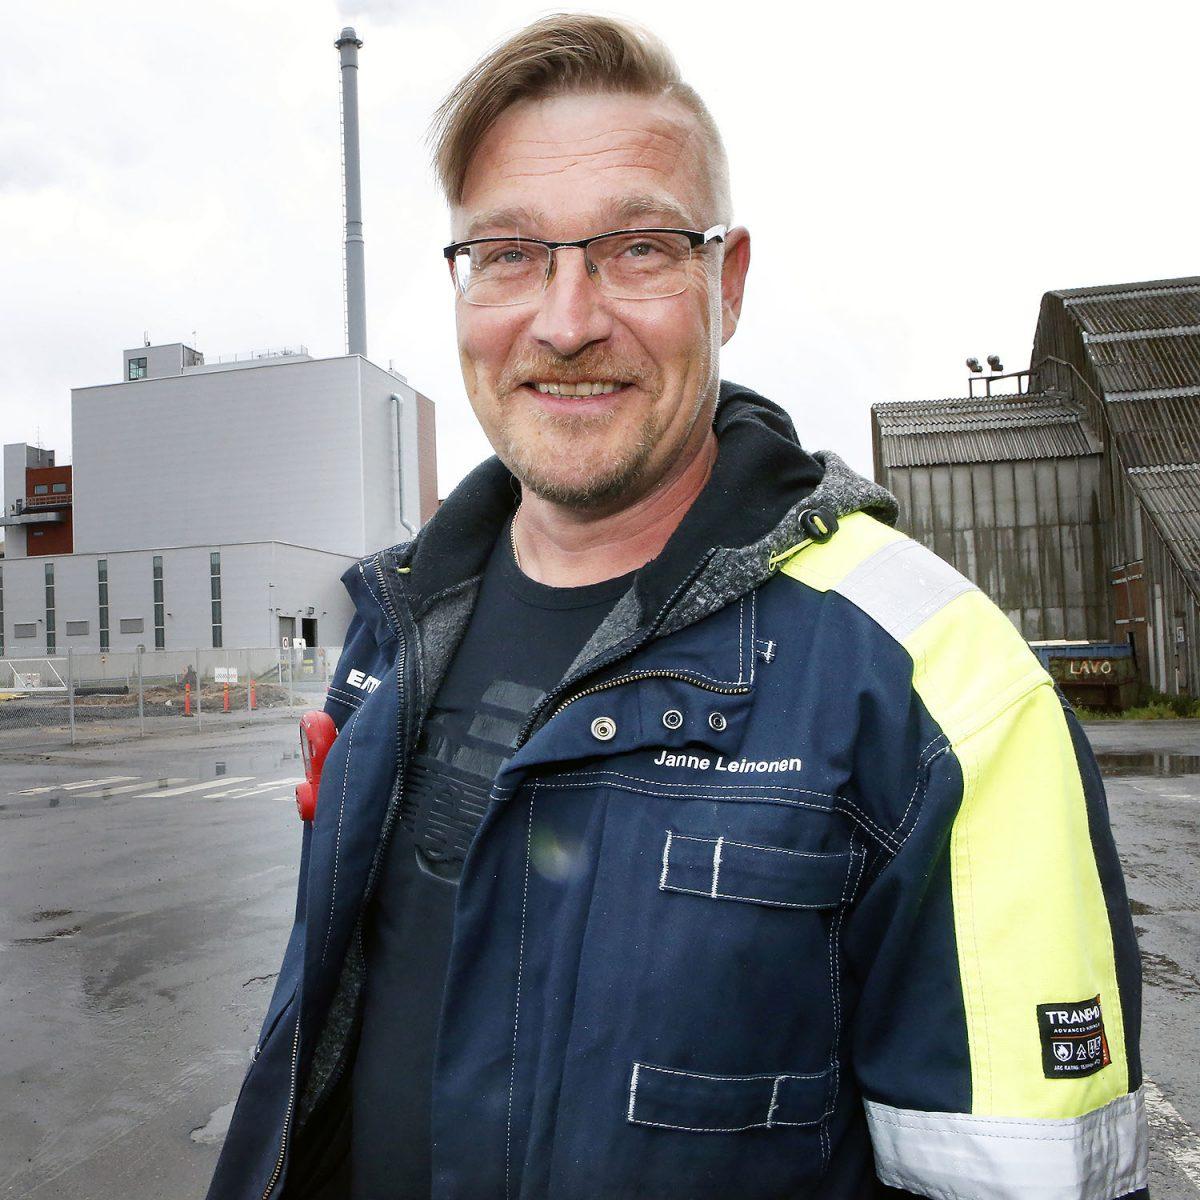 """TOIMIJA: Janne Leinonen: """"Peruskemian ja kotiseudun puolesta"""""""